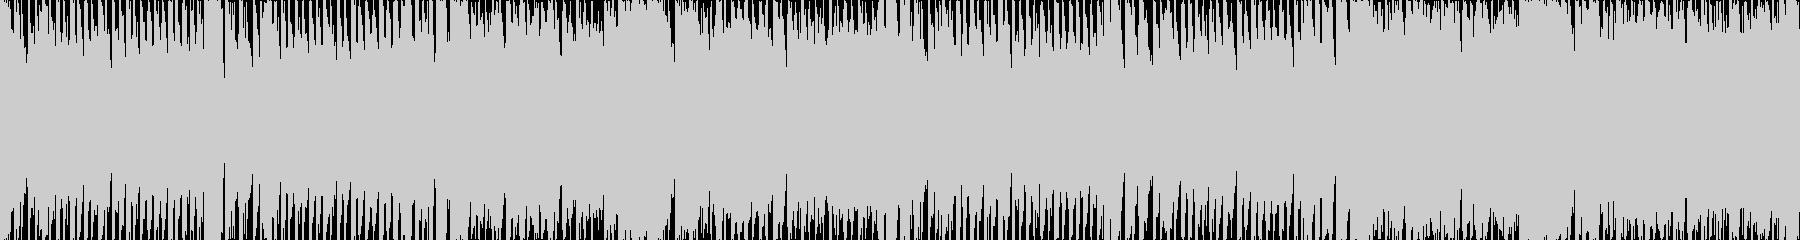 キラキラ、エレクトリカルパレード風ループの未再生の波形